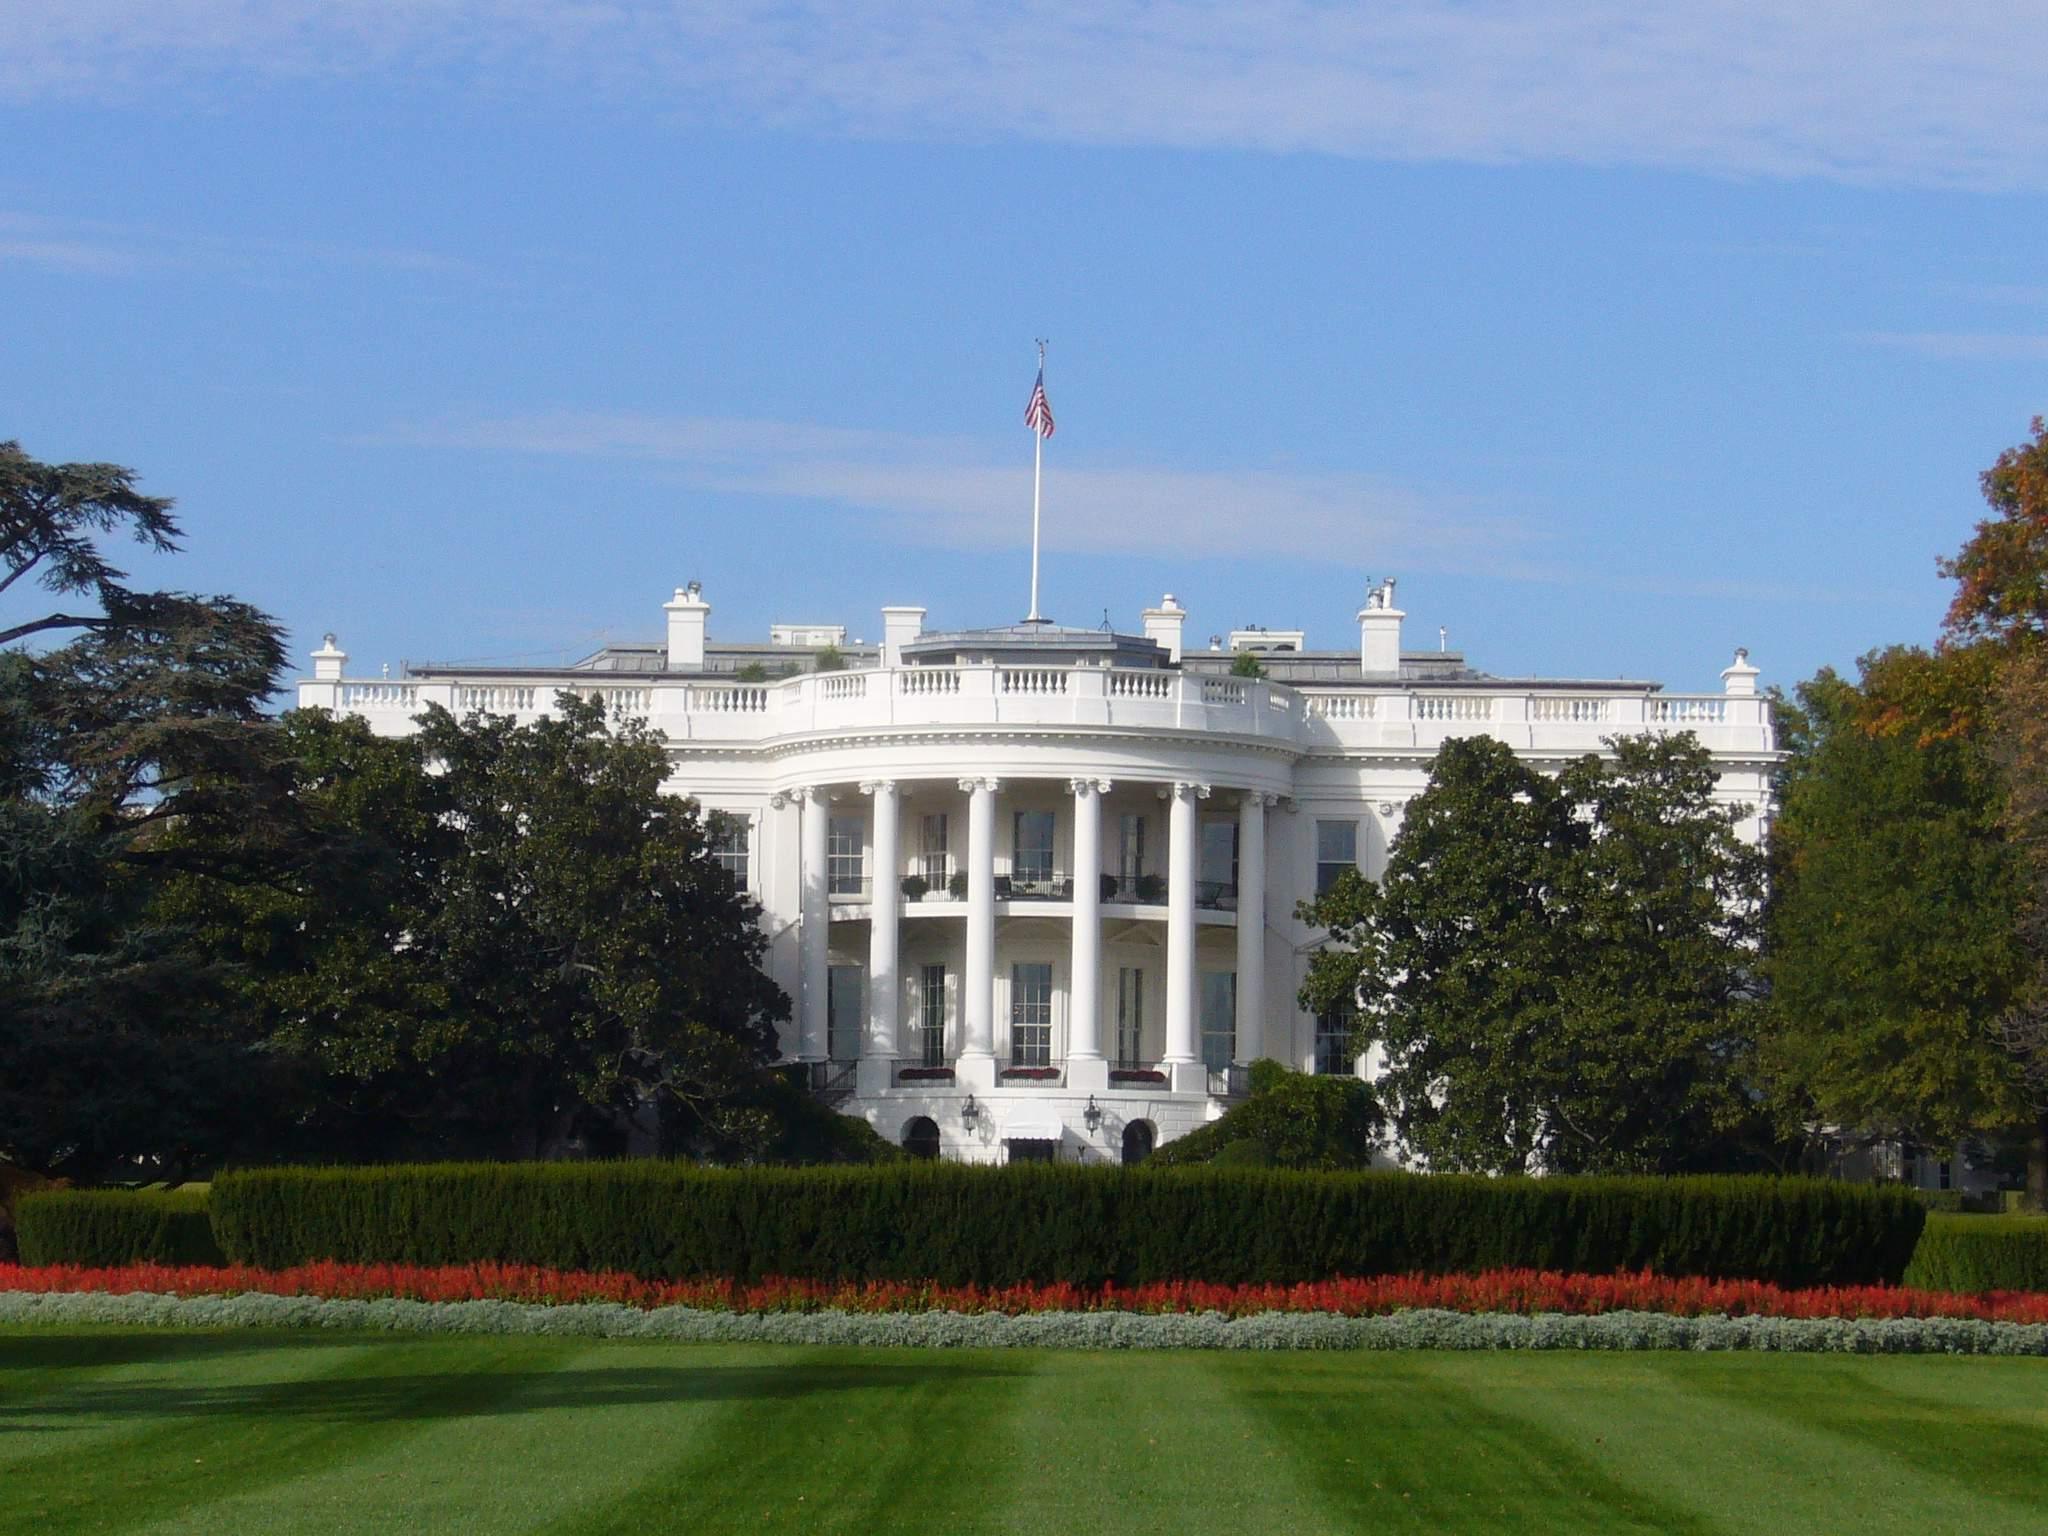 ホワイトハウス。一般公開はしていないのでフェンスを通してでしか撮影できま... くまのポーランド